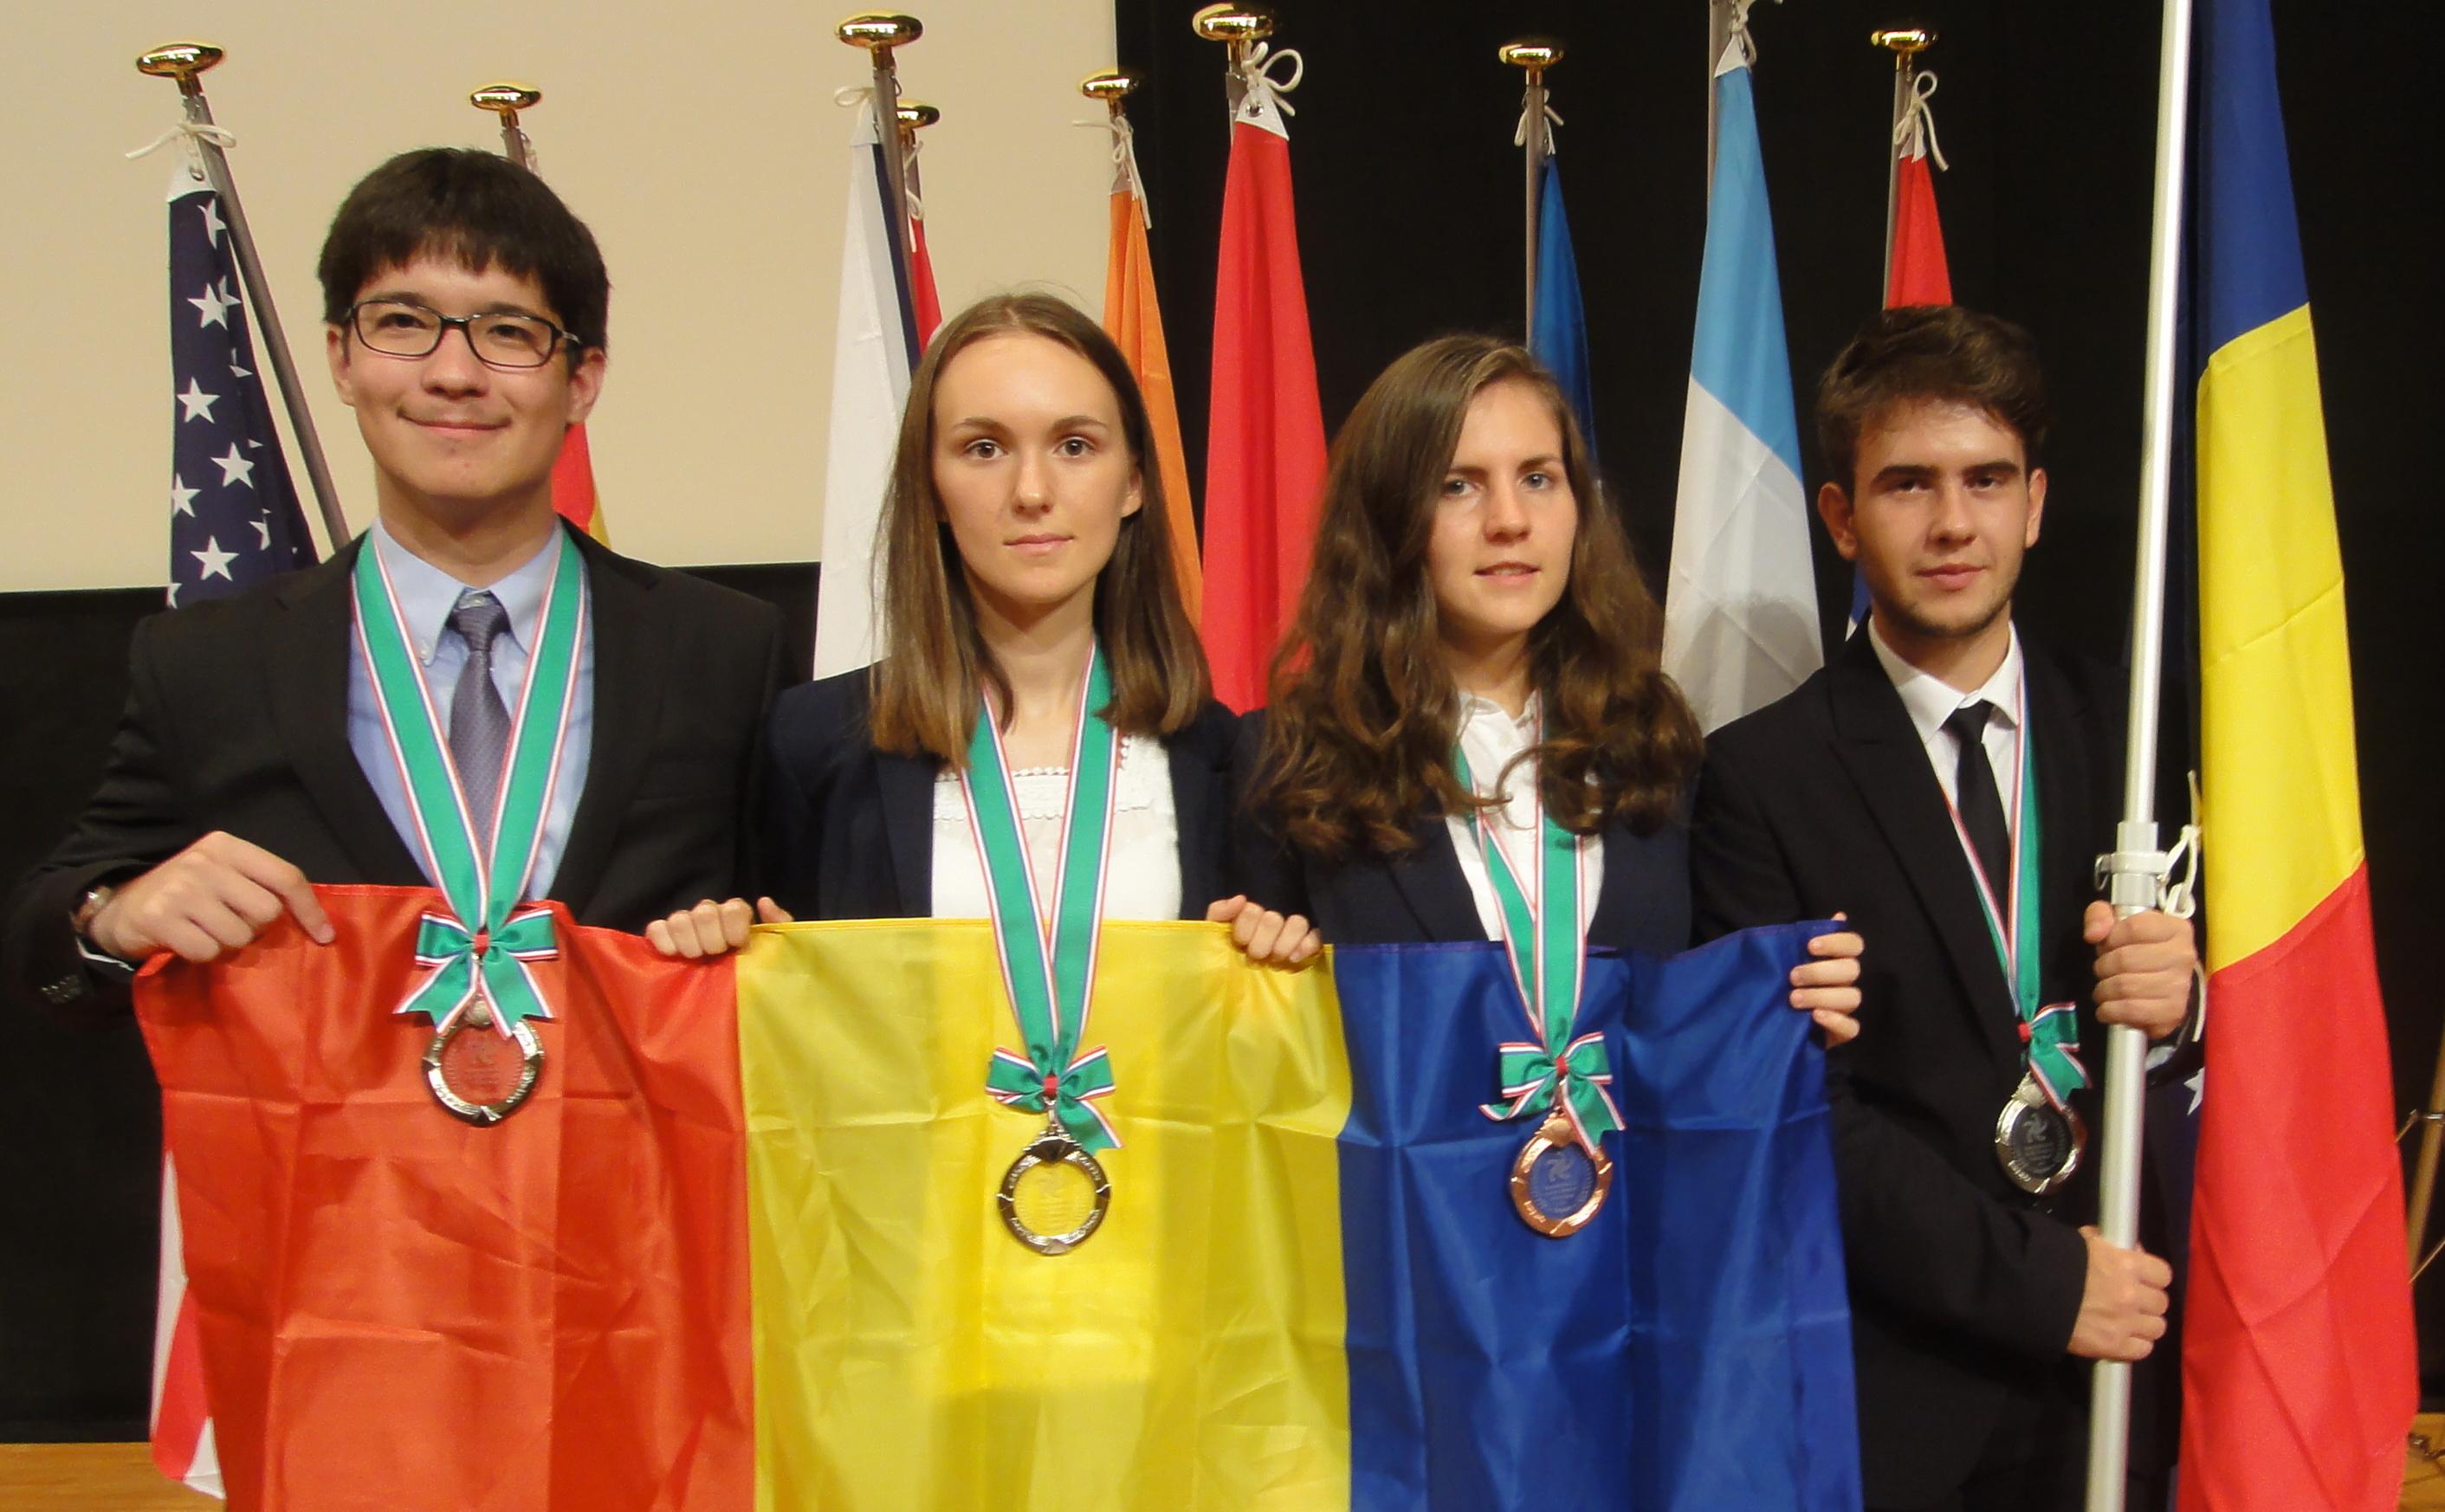 România a câștigat patru medalii la Olimpiada Internațională de Științe ale Pământului